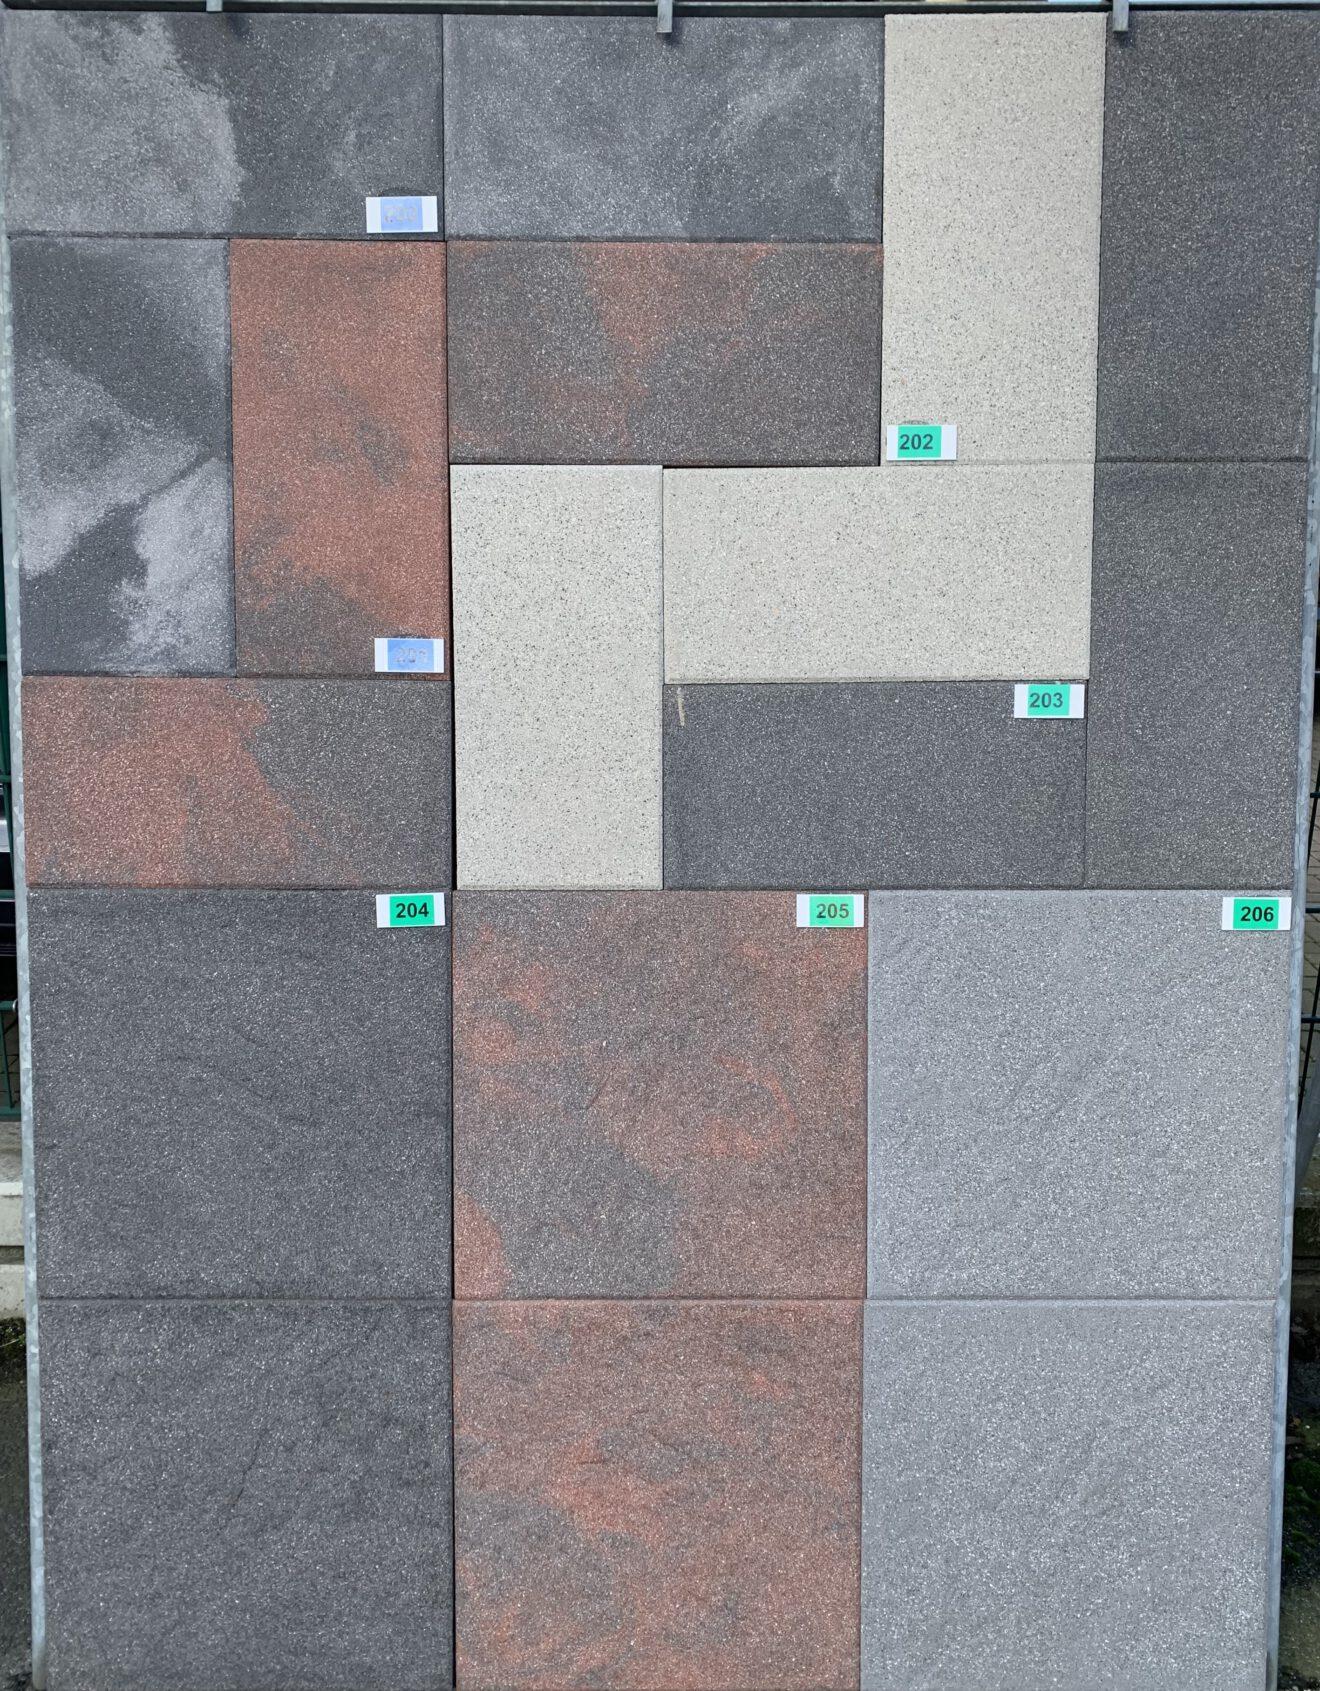 Gartenplatten und Terrassenplattev - Novagranit weiß/schwarz bei Stolzenbach Baustoffe in Bremen kaufen